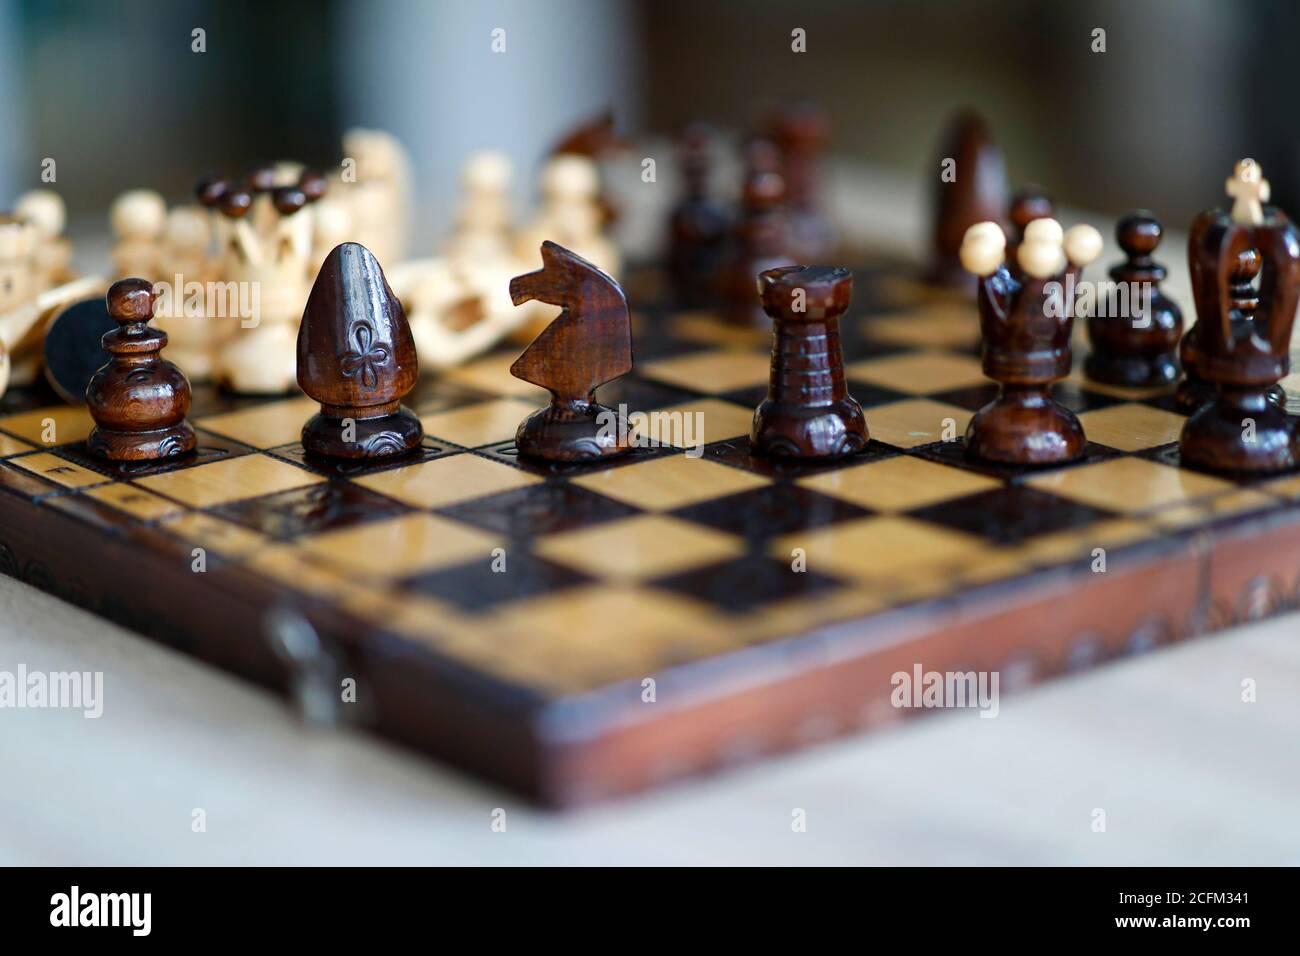 Pièces d'échecs sur une table de jeu en bois. Les pièces comprennent le pion, le roi, la reine, l'évêque, le chevalier et le rook Banque D'Images